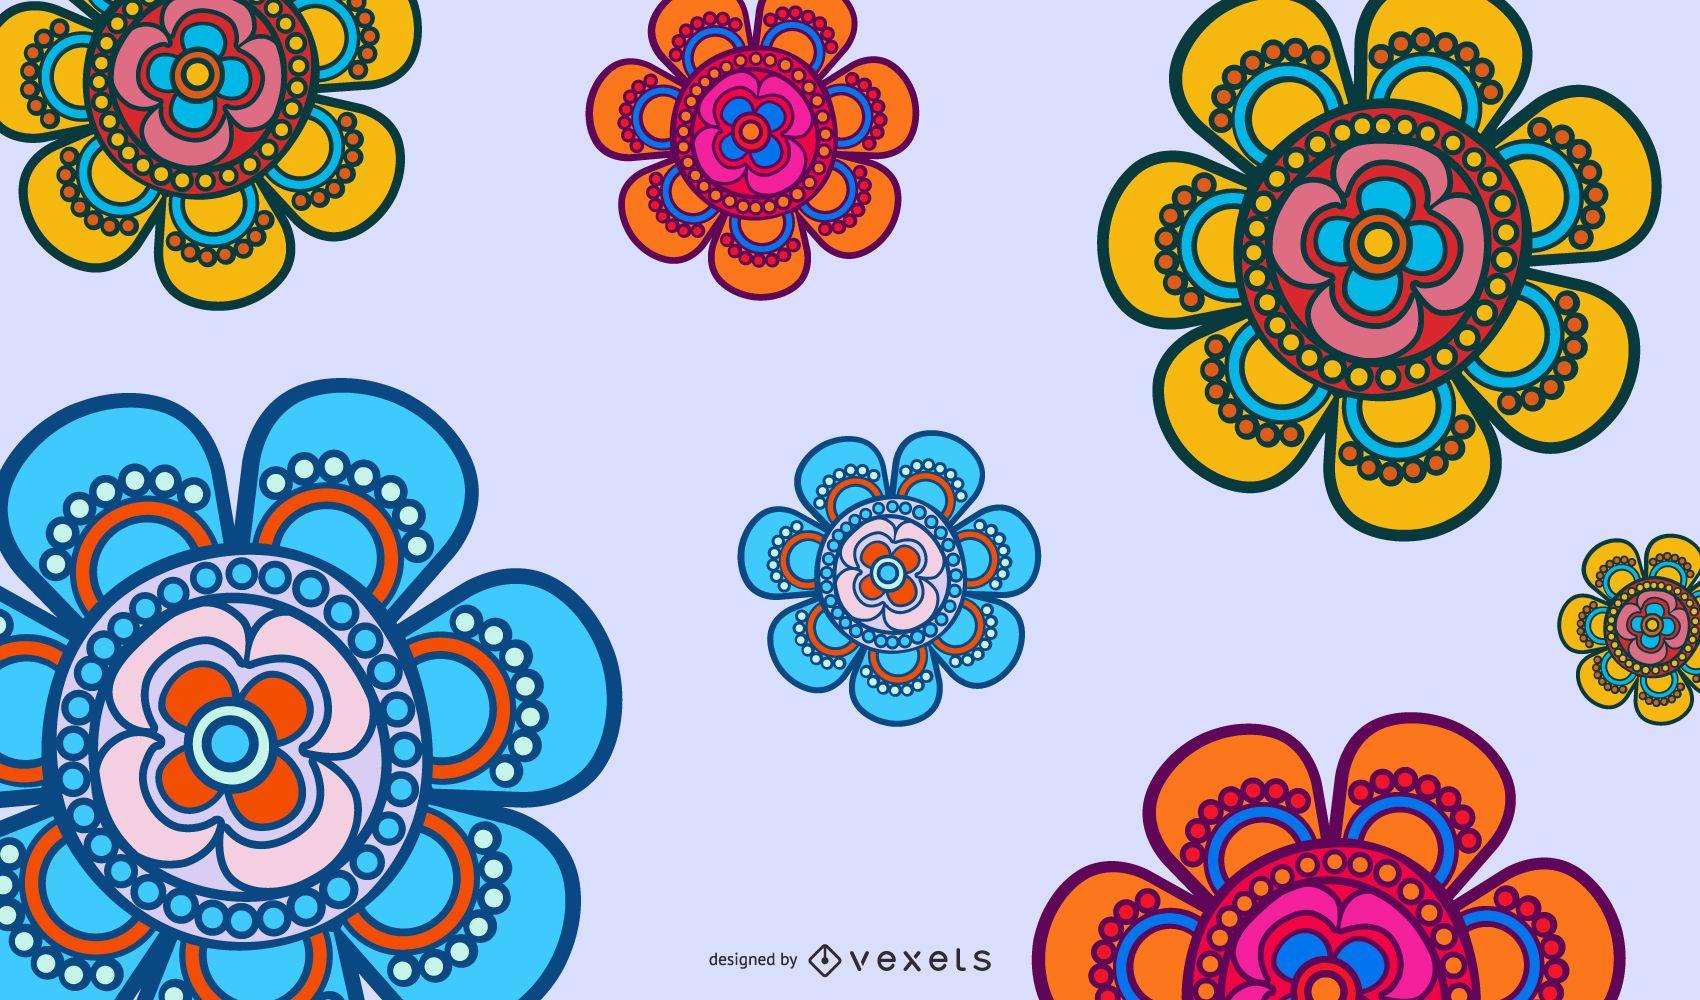 Vetor de padrão floral artístico